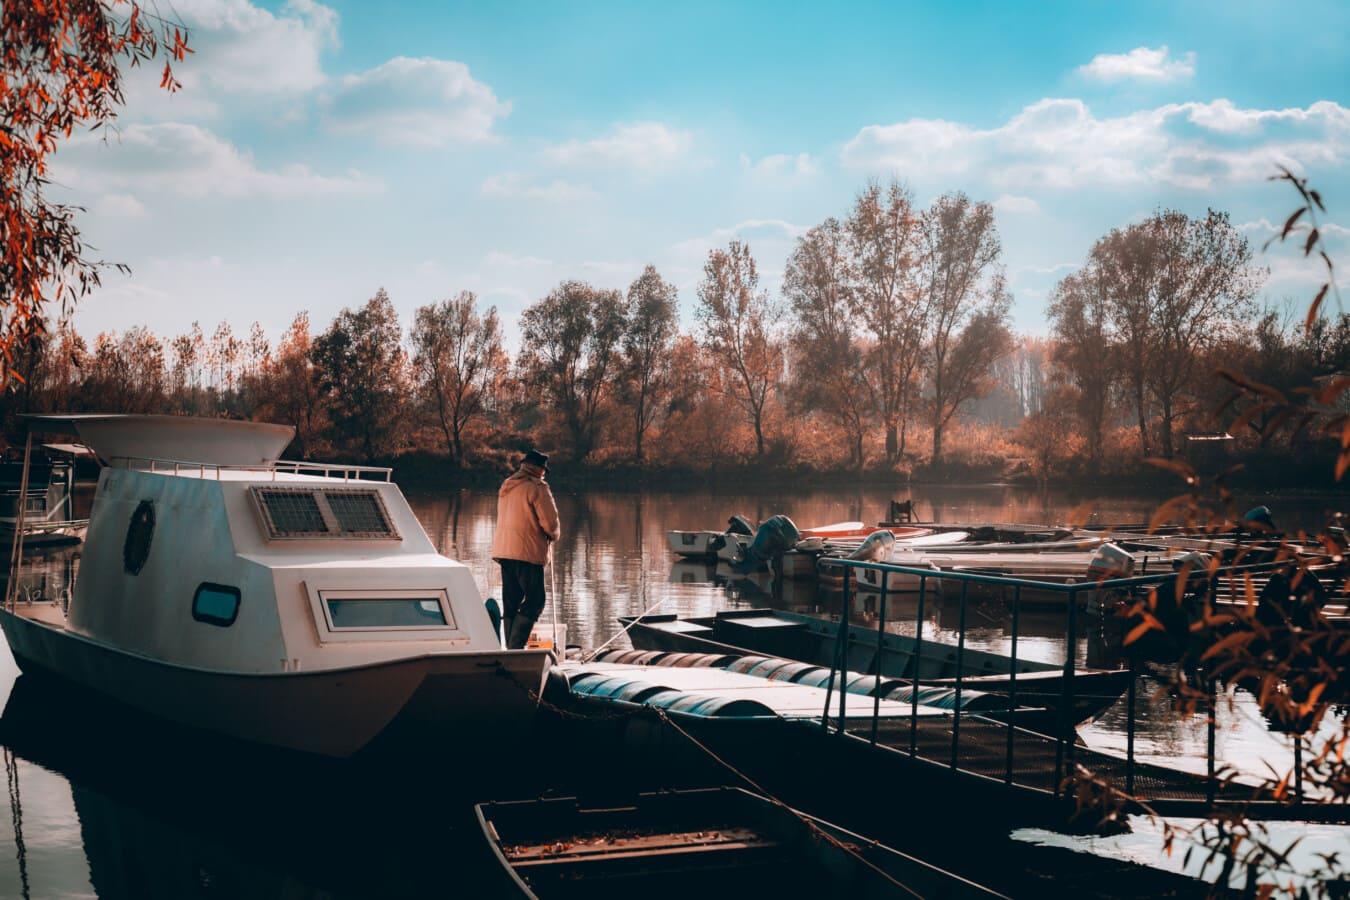 havn, Yacht club, mann, stående, været, høstsesongen, båt, vann, kjøretøy, innsjø